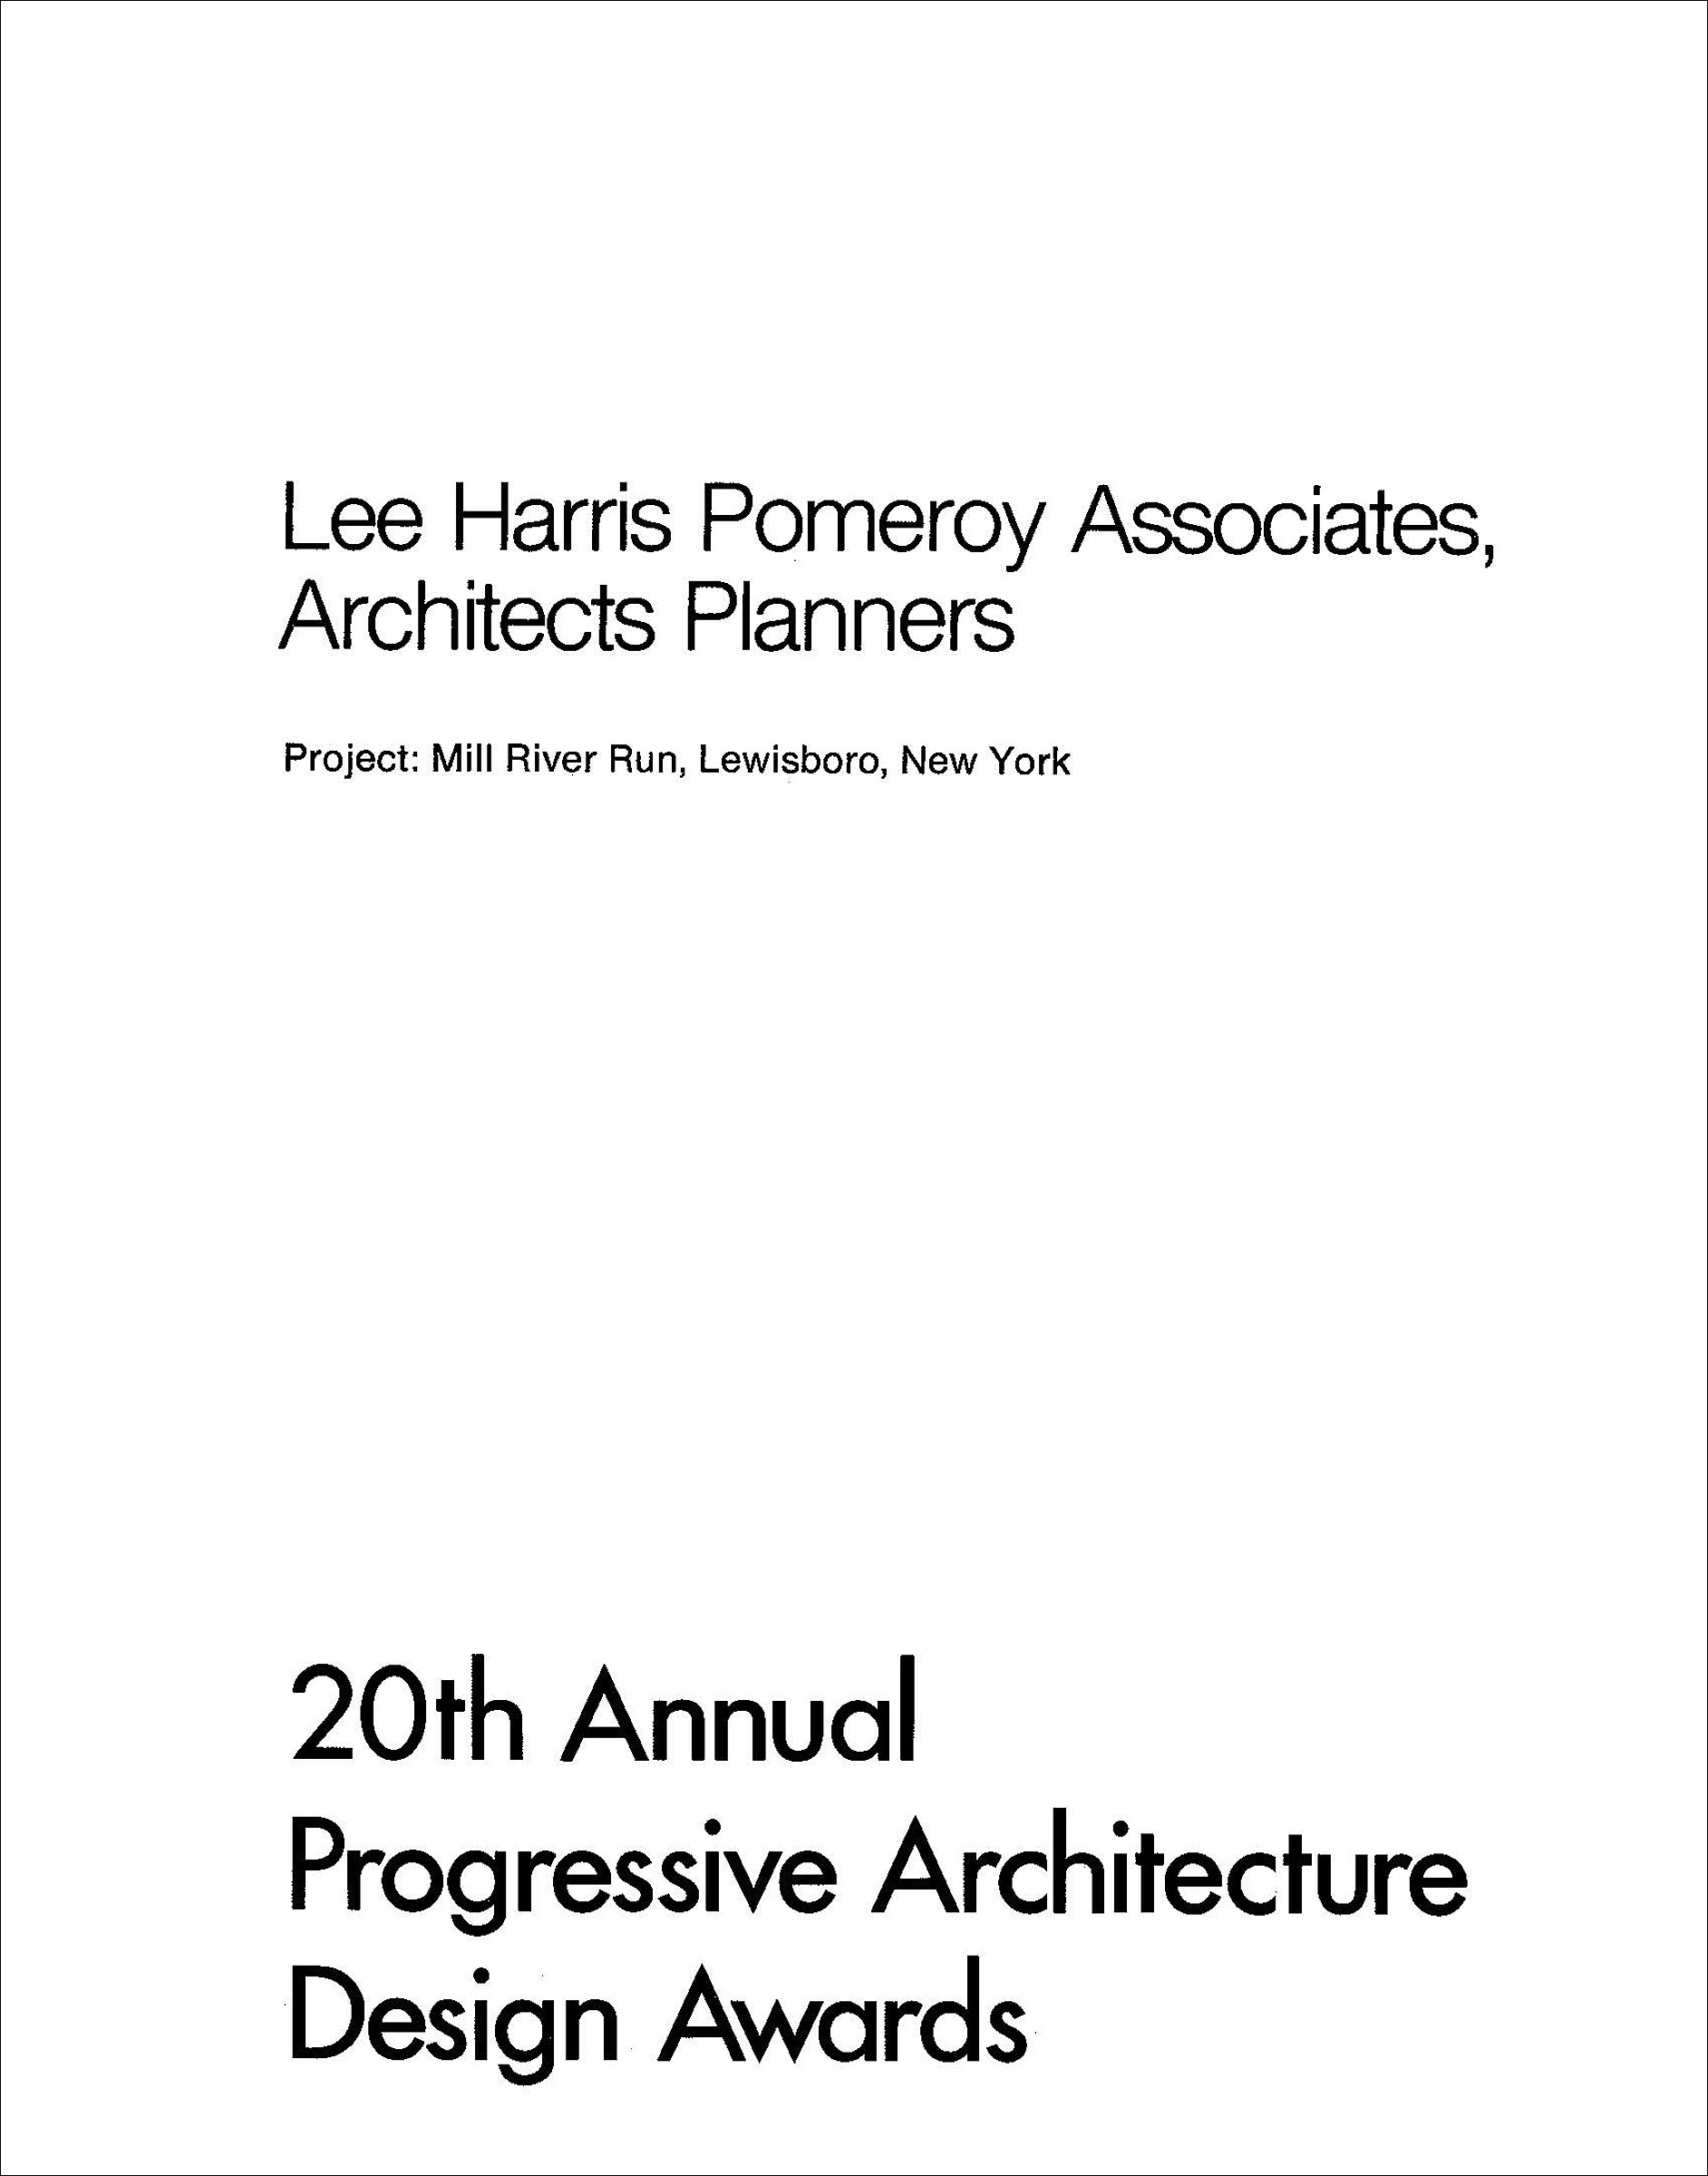 20th Annual Progressive Architecture Design Awards: Mill River Run